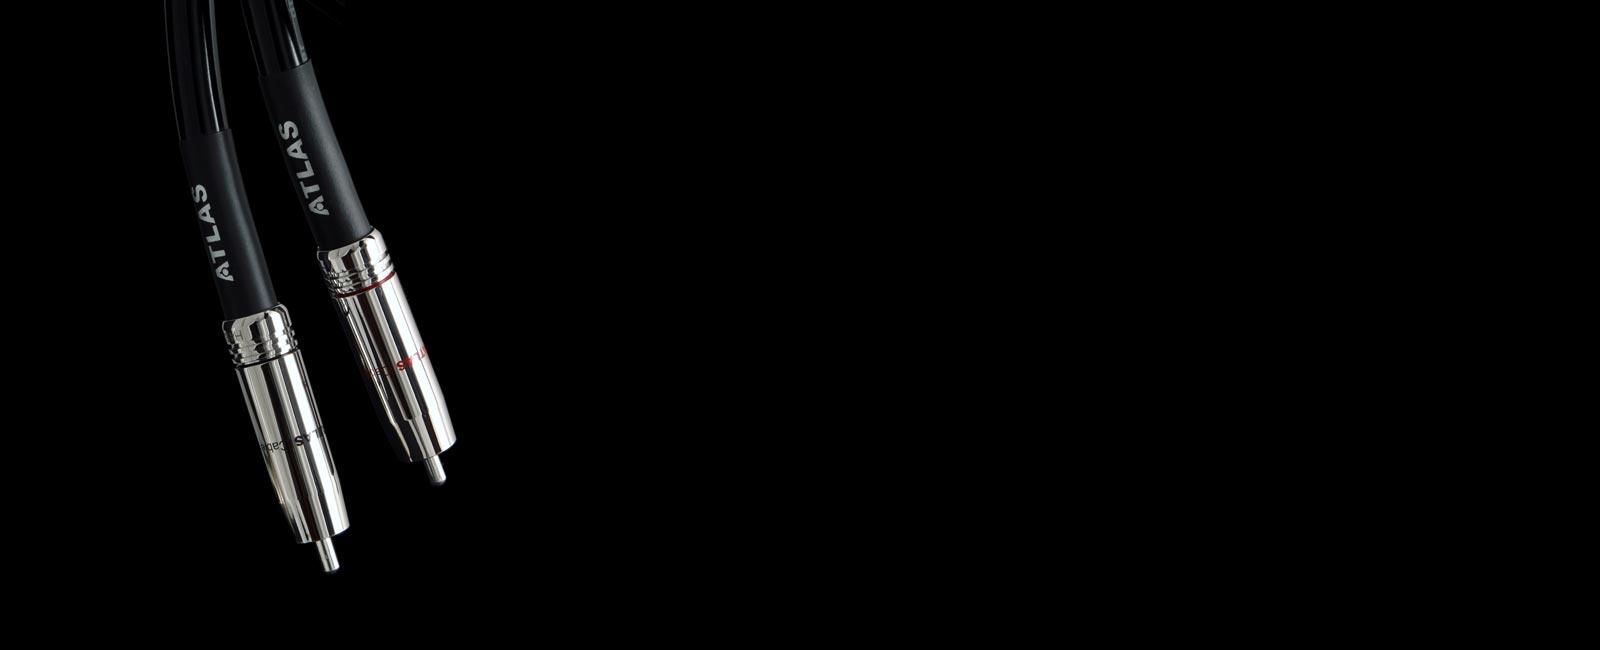 Аналоговые межблочные кабели